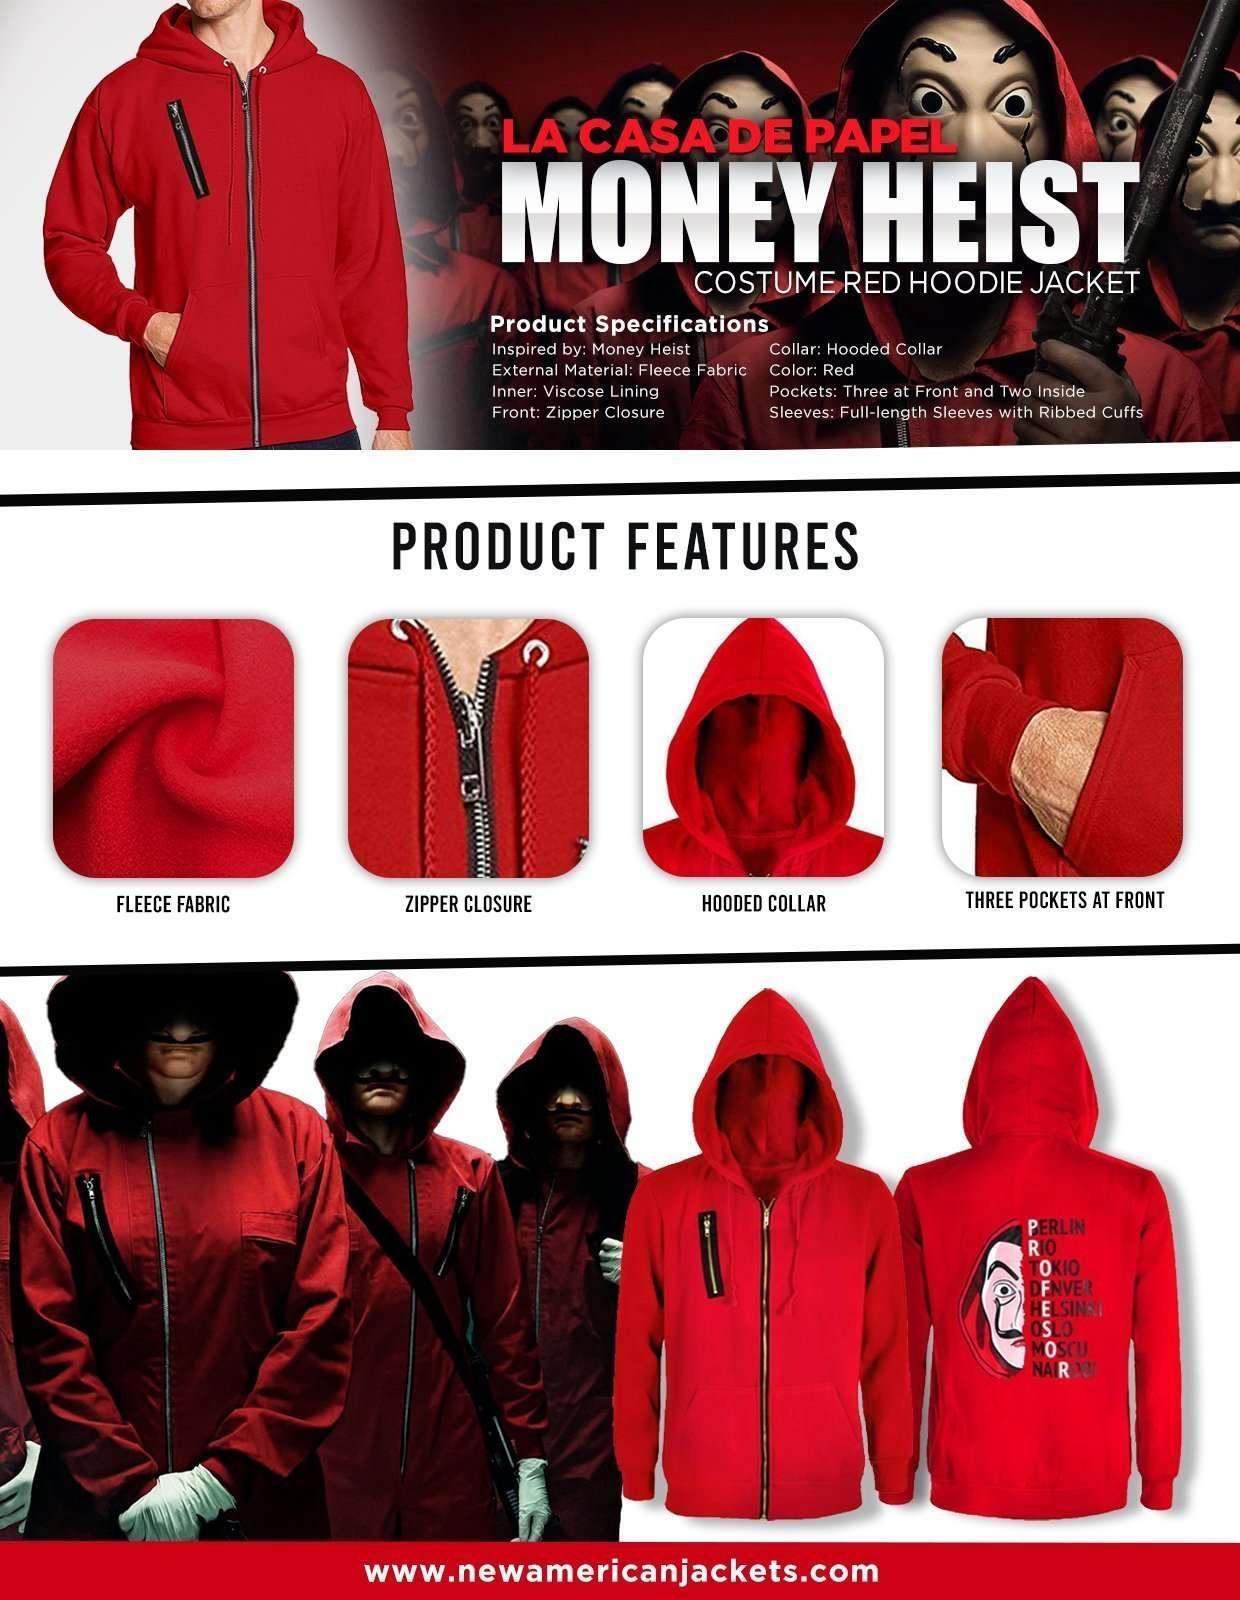 Money Heist Halloween Costume Hoodie